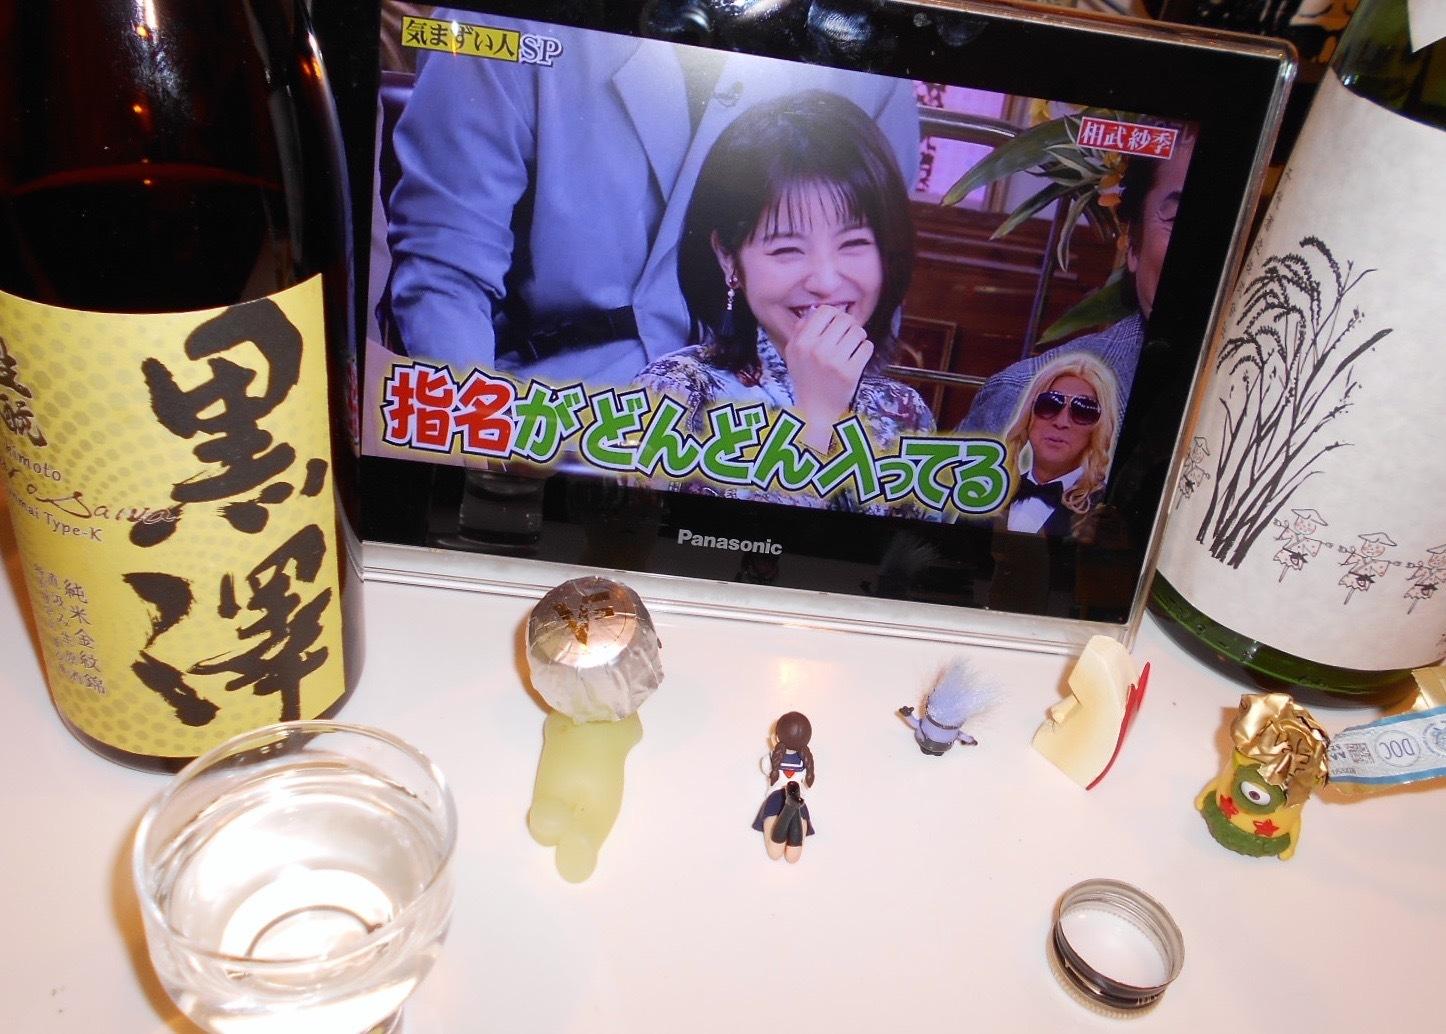 shinomine_junmai_isenishiki30by3_10.jpg